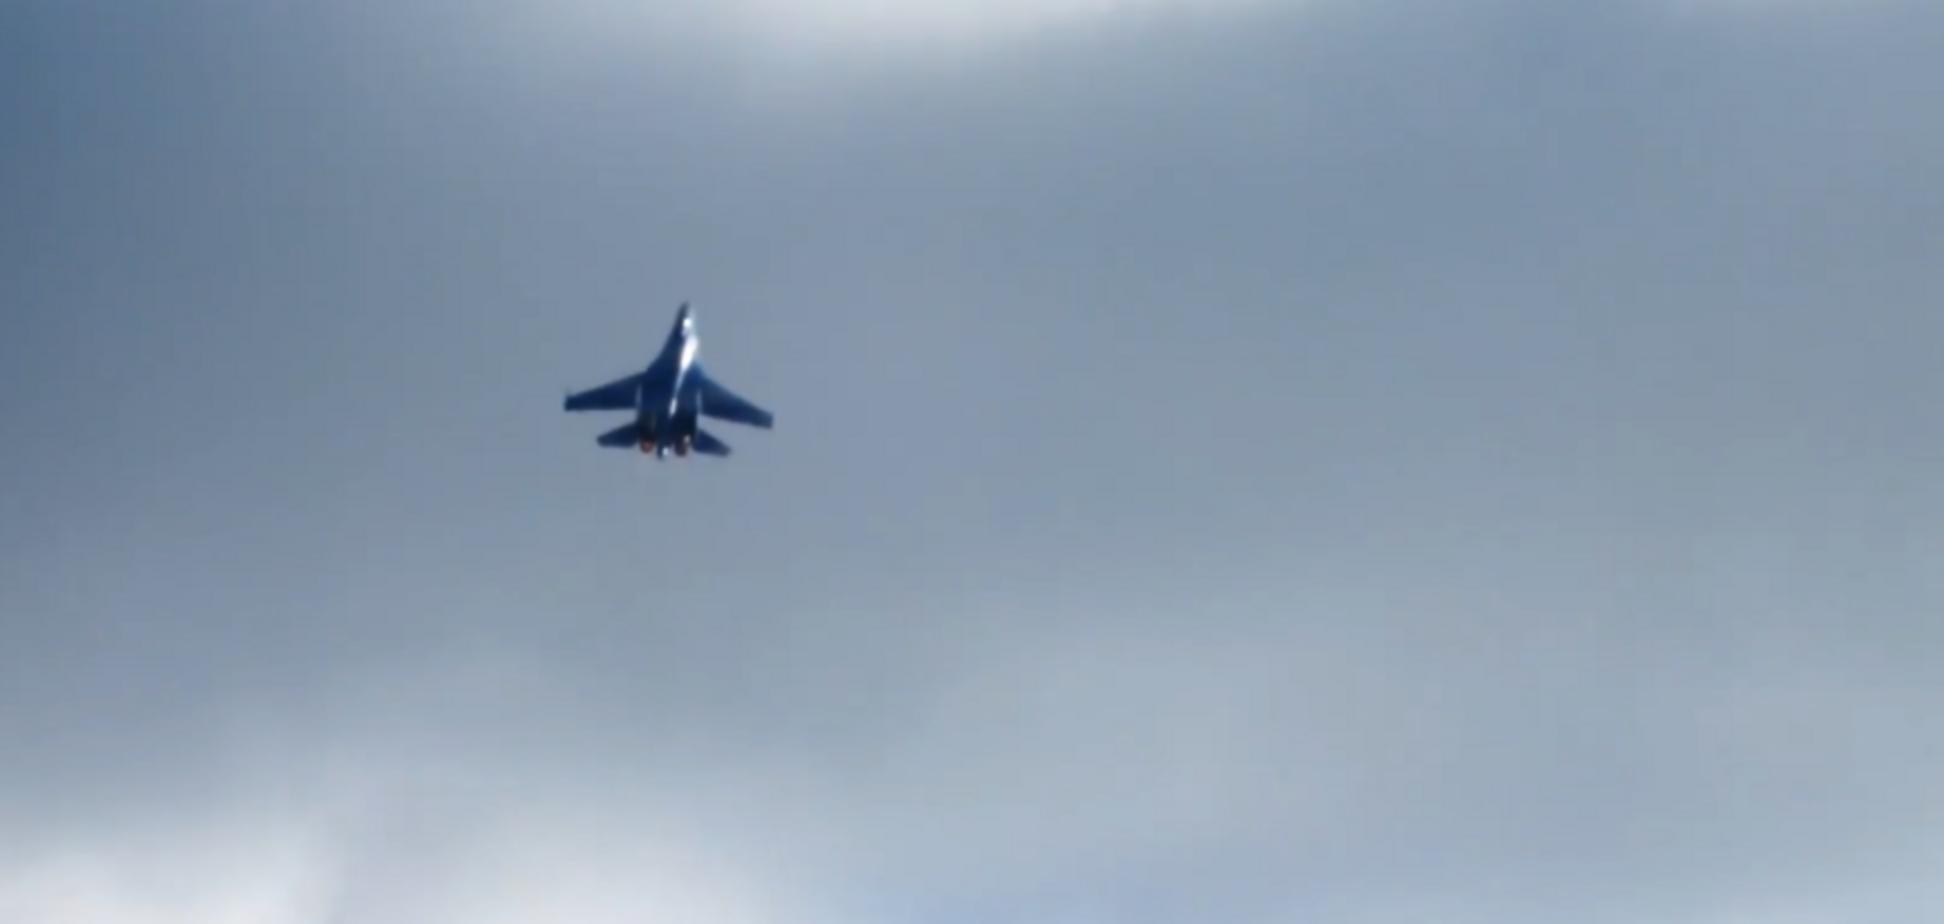 ВСУ подняли авиацию вблизи Крыма: опубликовано яркое видео